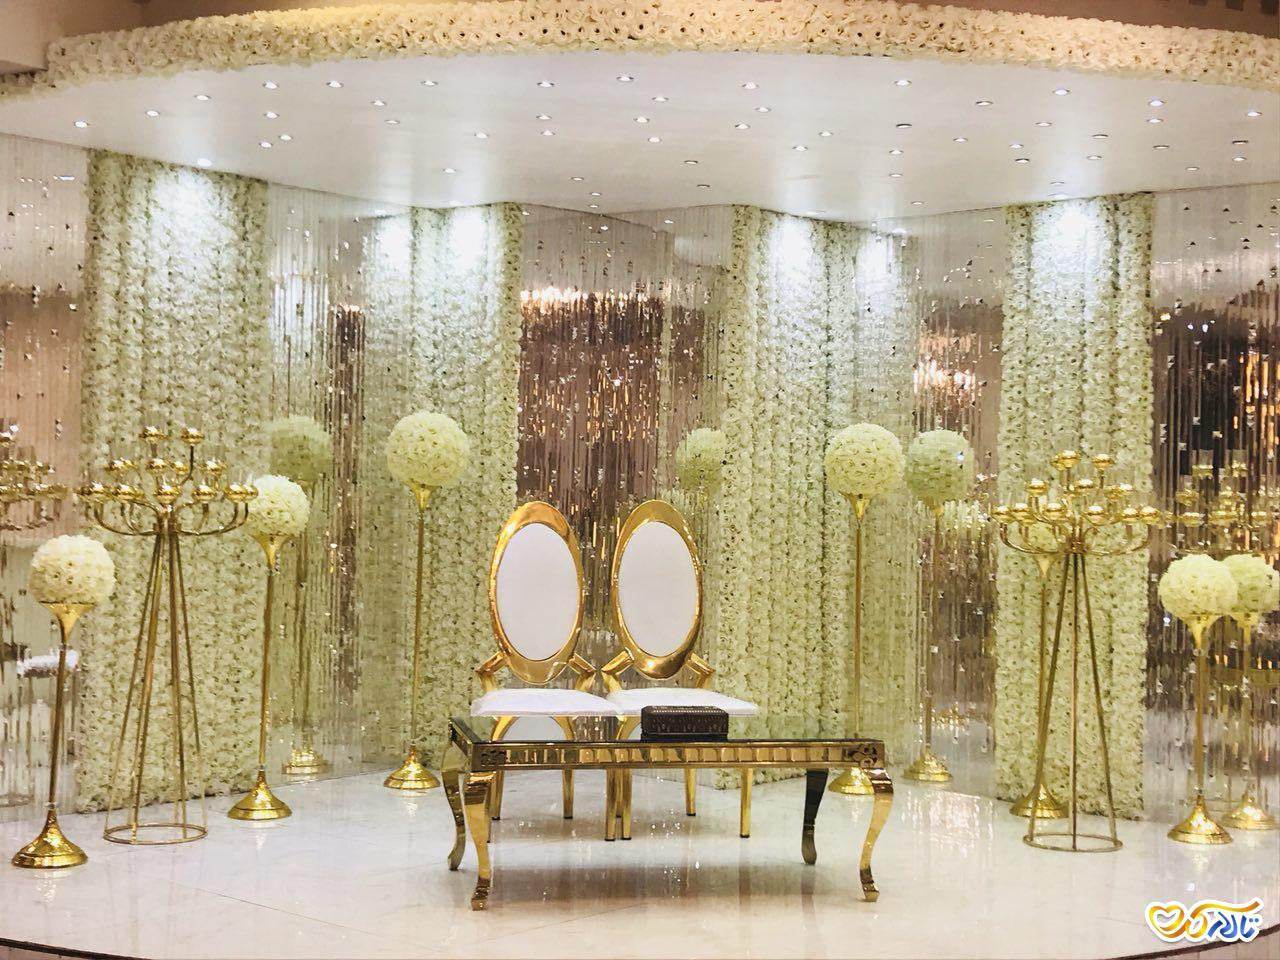 تالار قصر سوگند, تالار عروسی قصر سوگند تهرانپارس